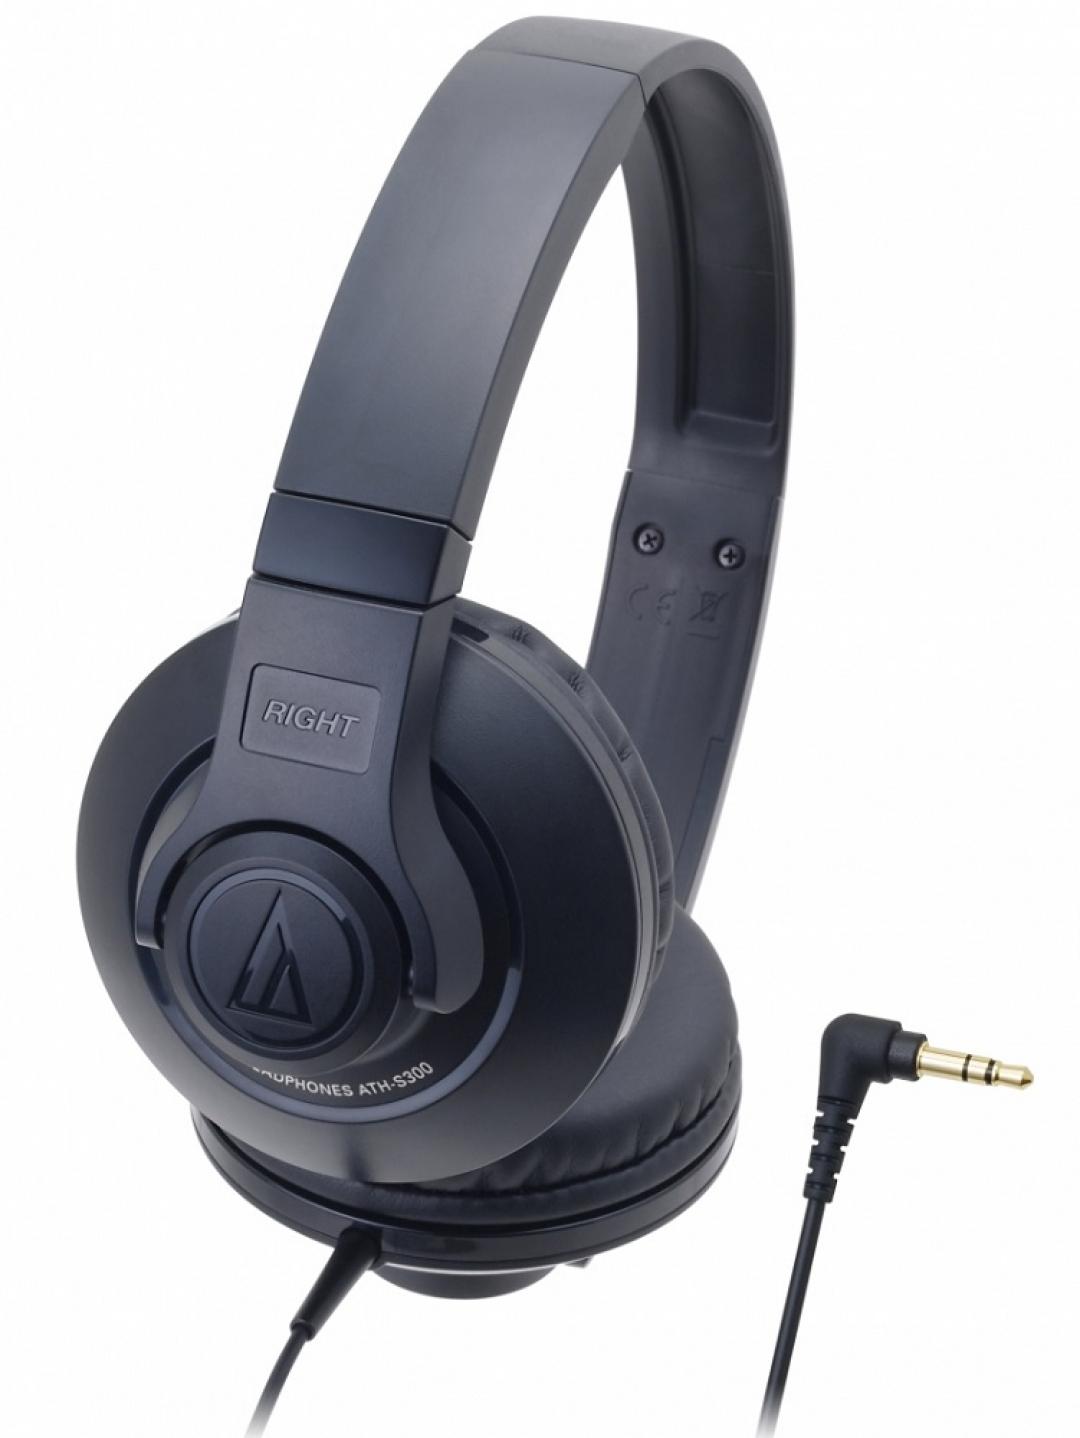 Audio Technica ATH-S300